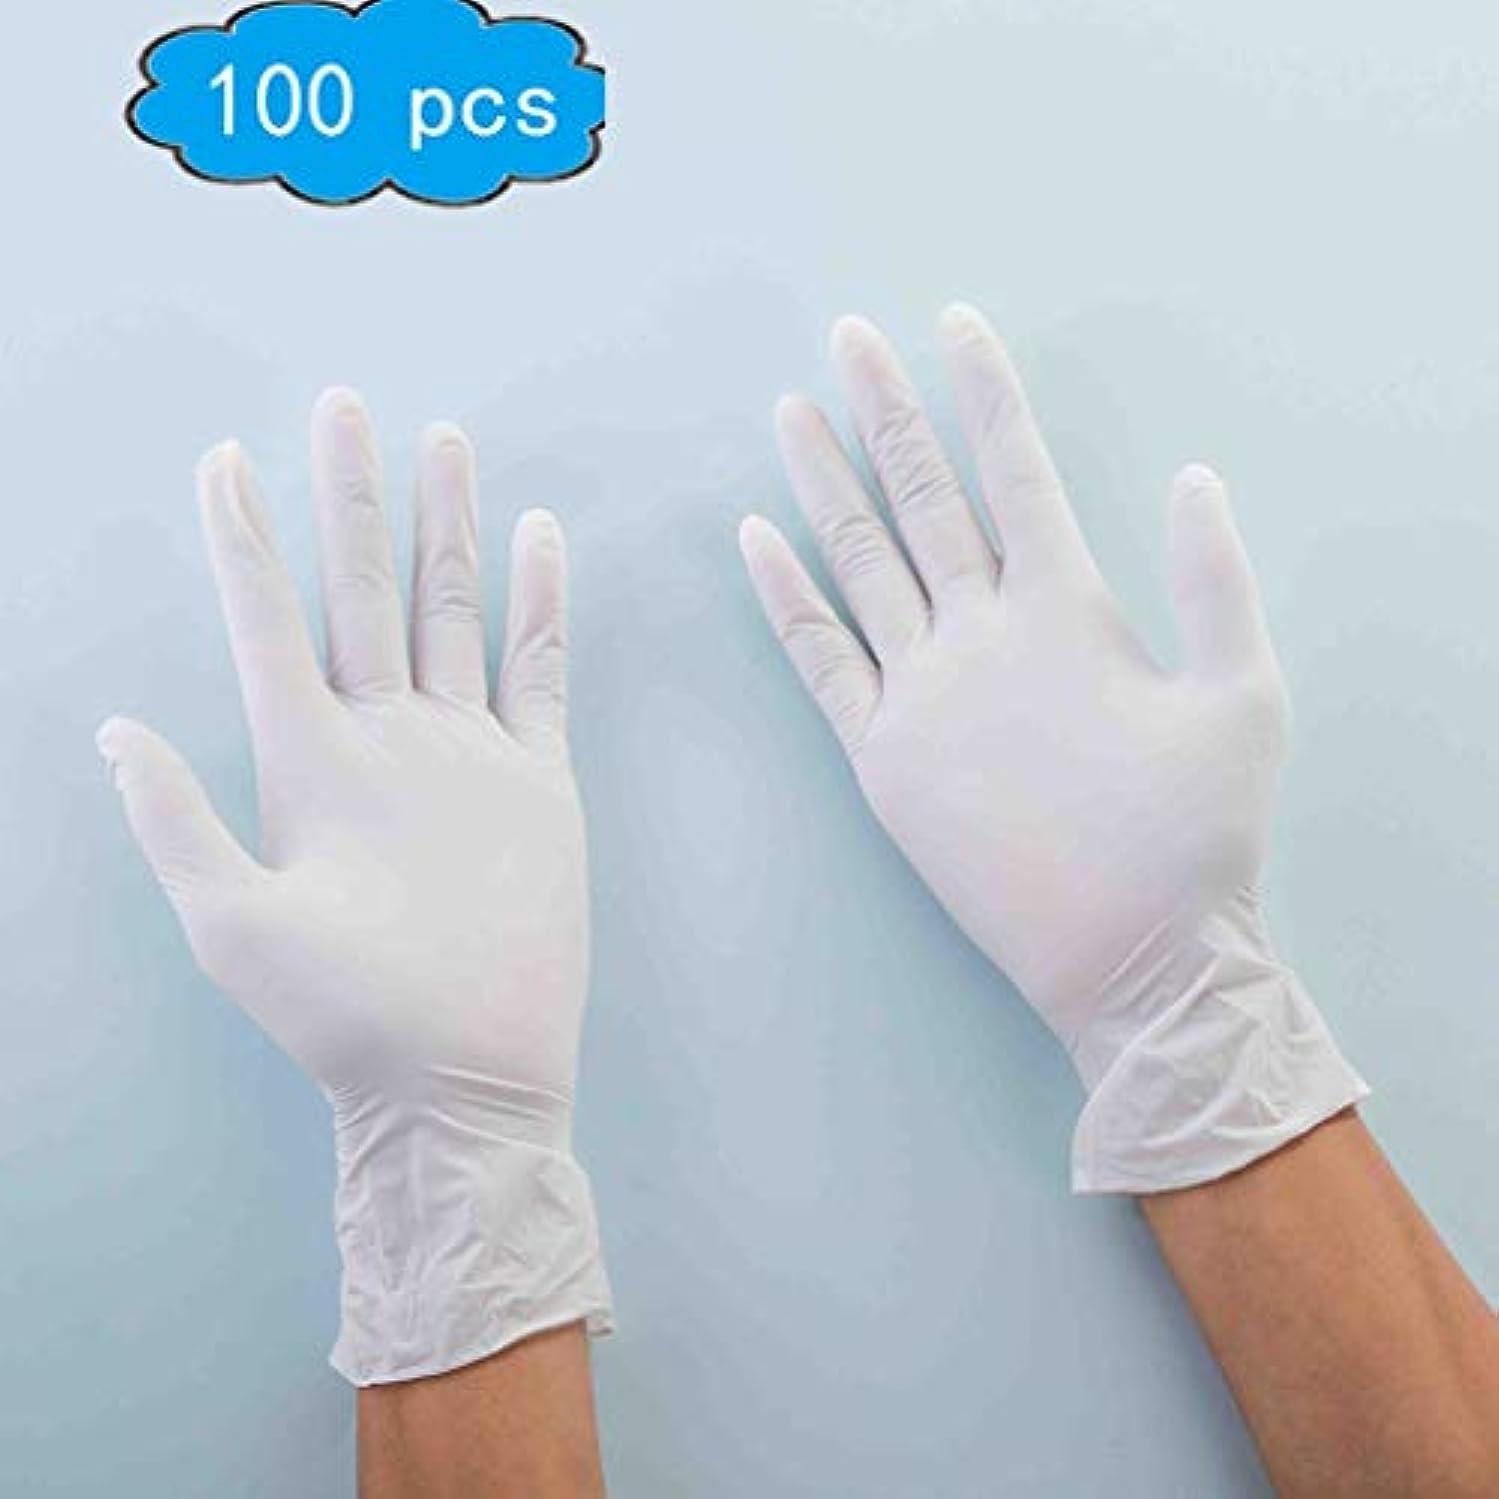 リズミカルな落ち着く宿使い捨て手袋 - 白、厚めのバージョン、ニトリル手袋、パウダーフリー、試験、無菌、中、100箱、手と腕の保護 (Color : White, Size : L)